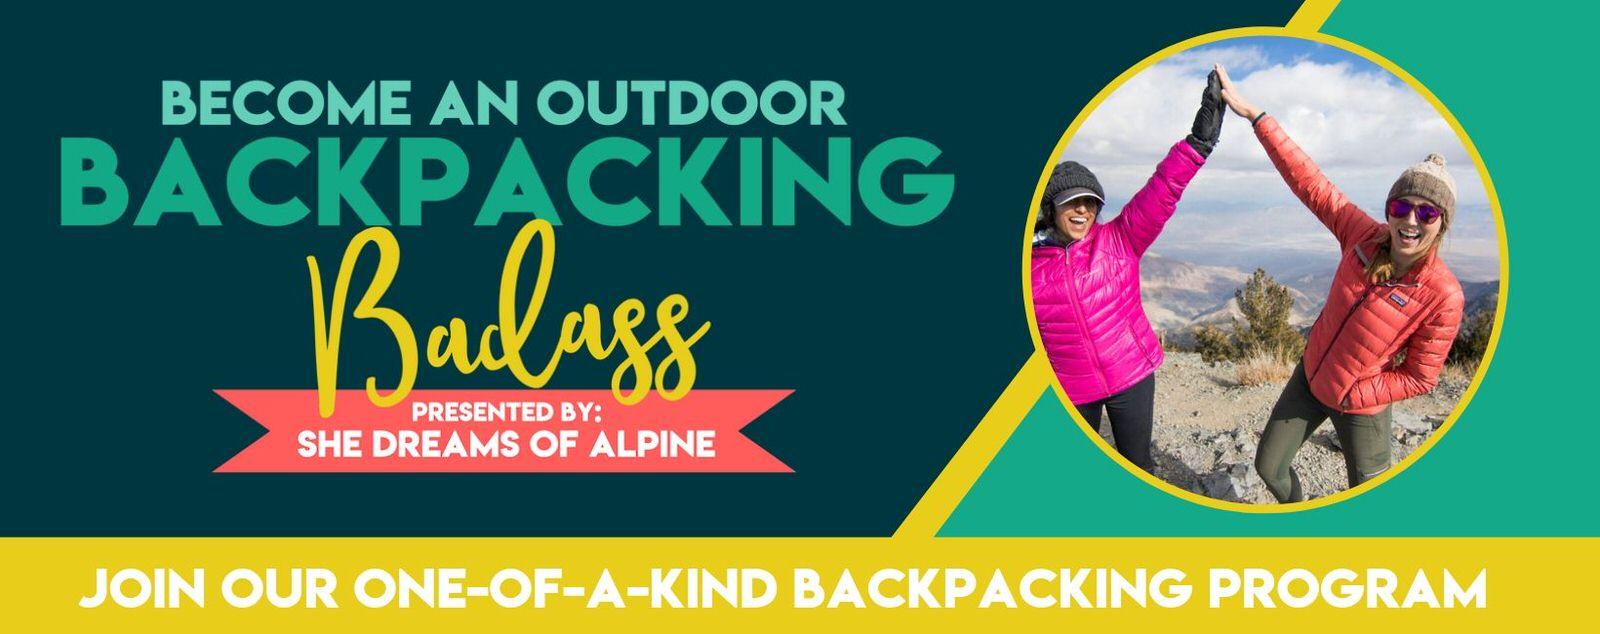 backpacking-program